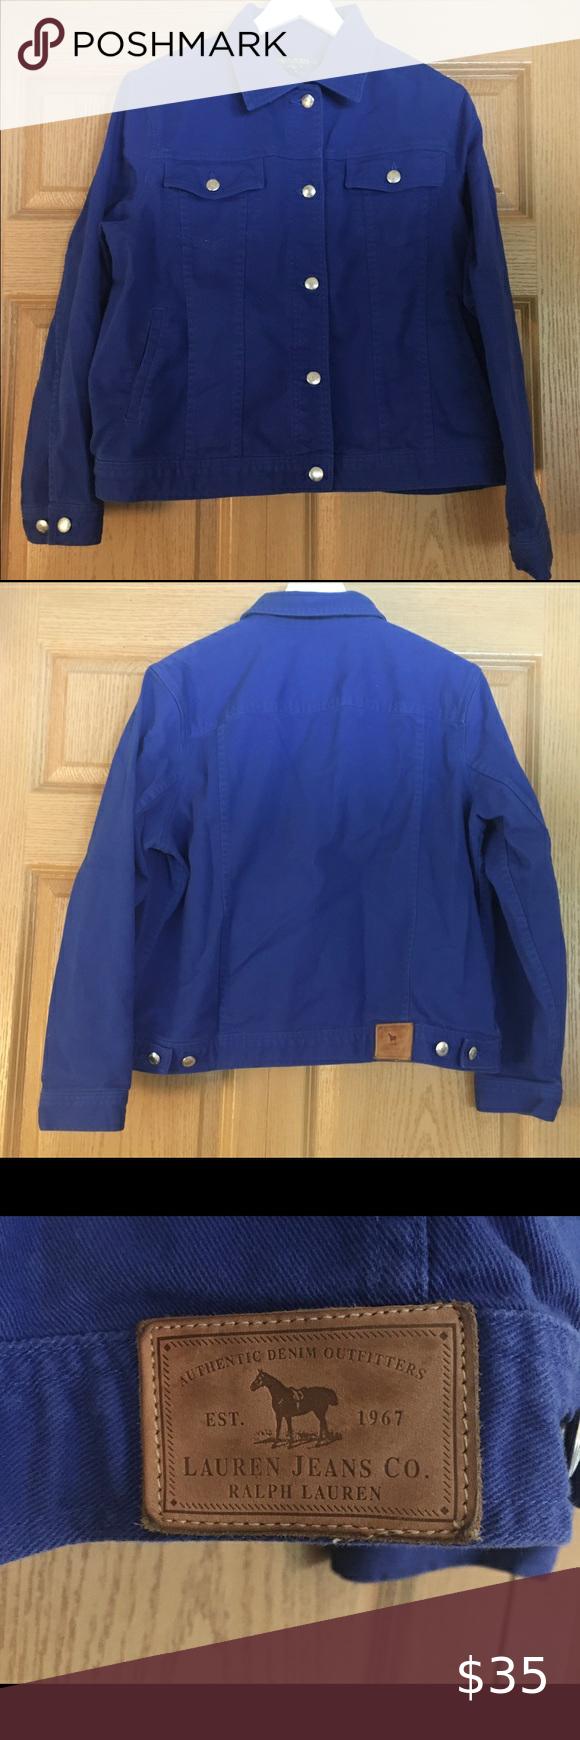 Ralph Lauren Blue Jean Jacket Blue Jean Jacket Royal Blue Jeans Clothes Design [ 1740 x 580 Pixel ]